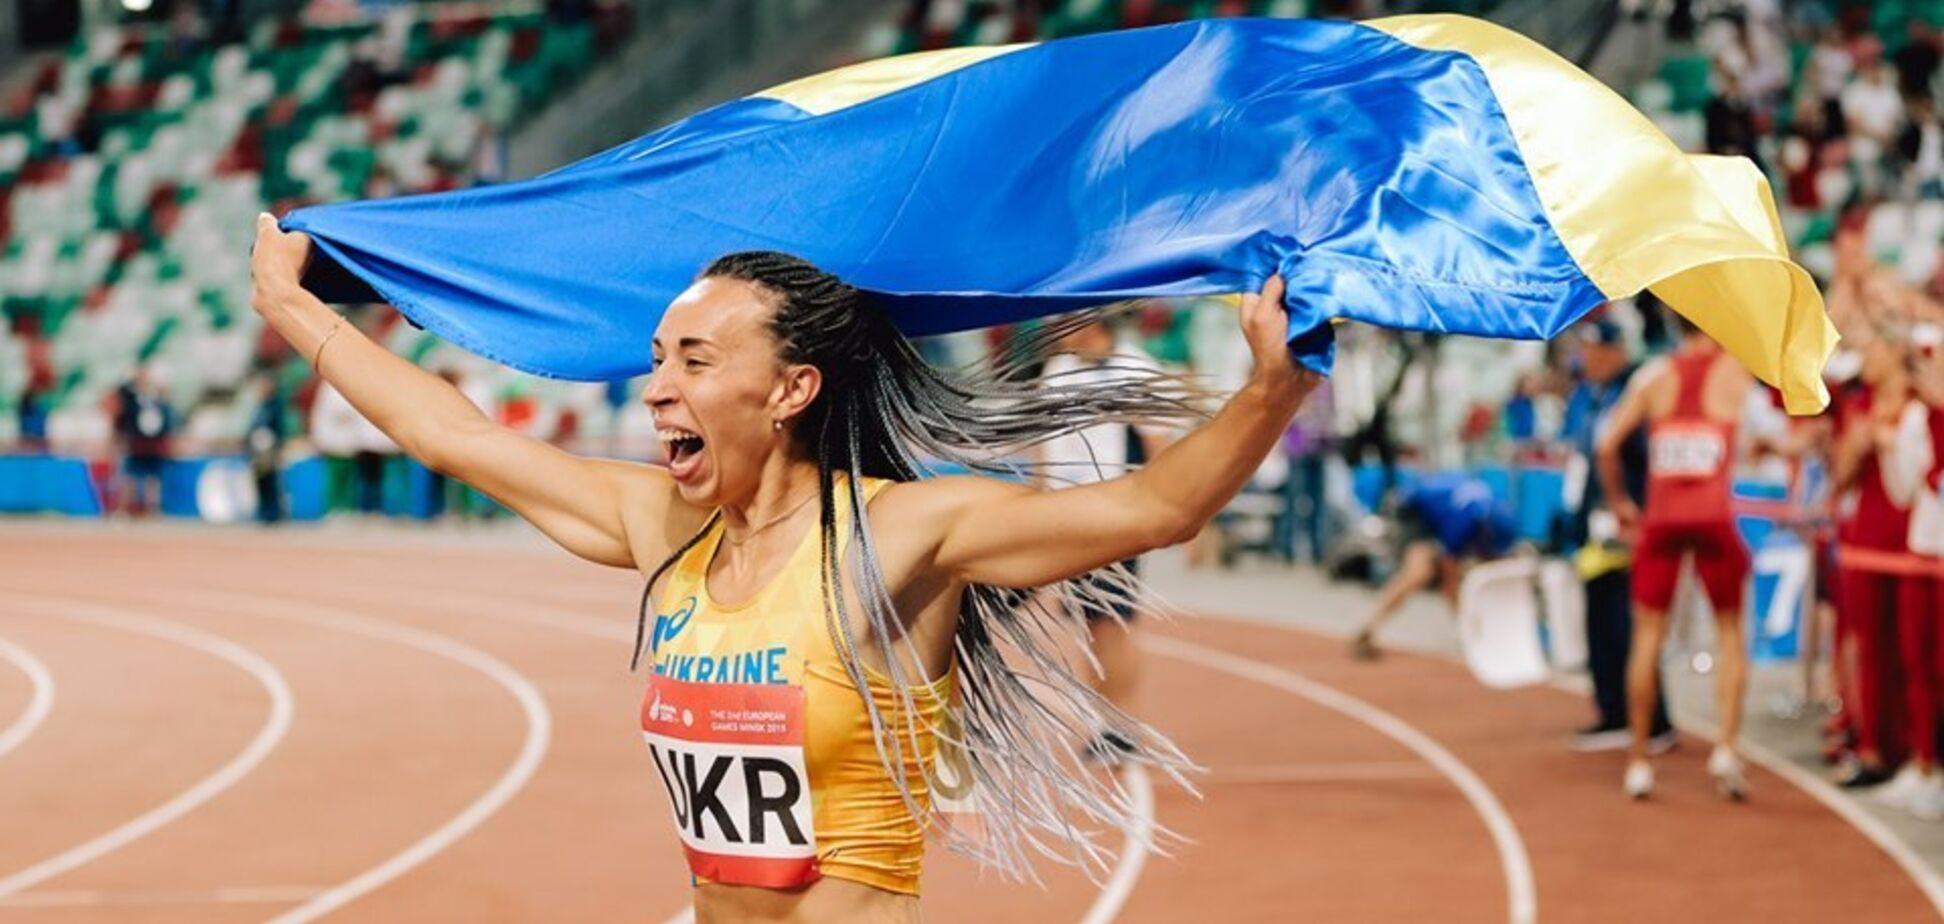 Украина завоевала еще два 'золота' Европейских игр, выиграв уникальную гонку